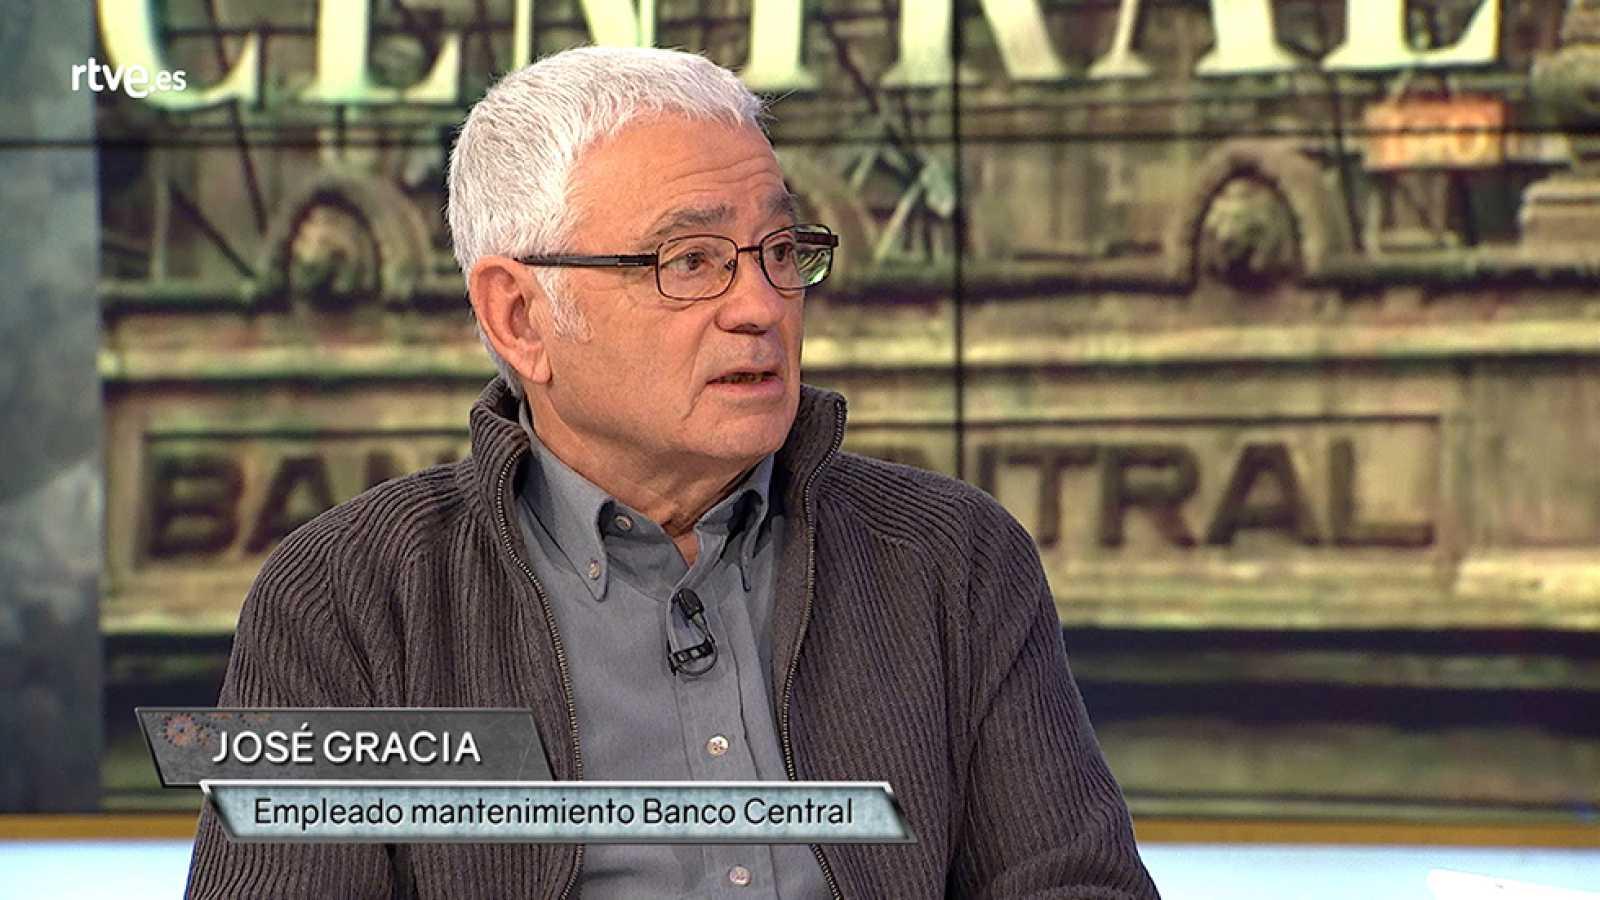 ENTREVISTA a José Gracia, uno de los rehenes que sobrevivieron al atraco del Banco Central. El asalto con más rehenes de la historia de la delincuencia española